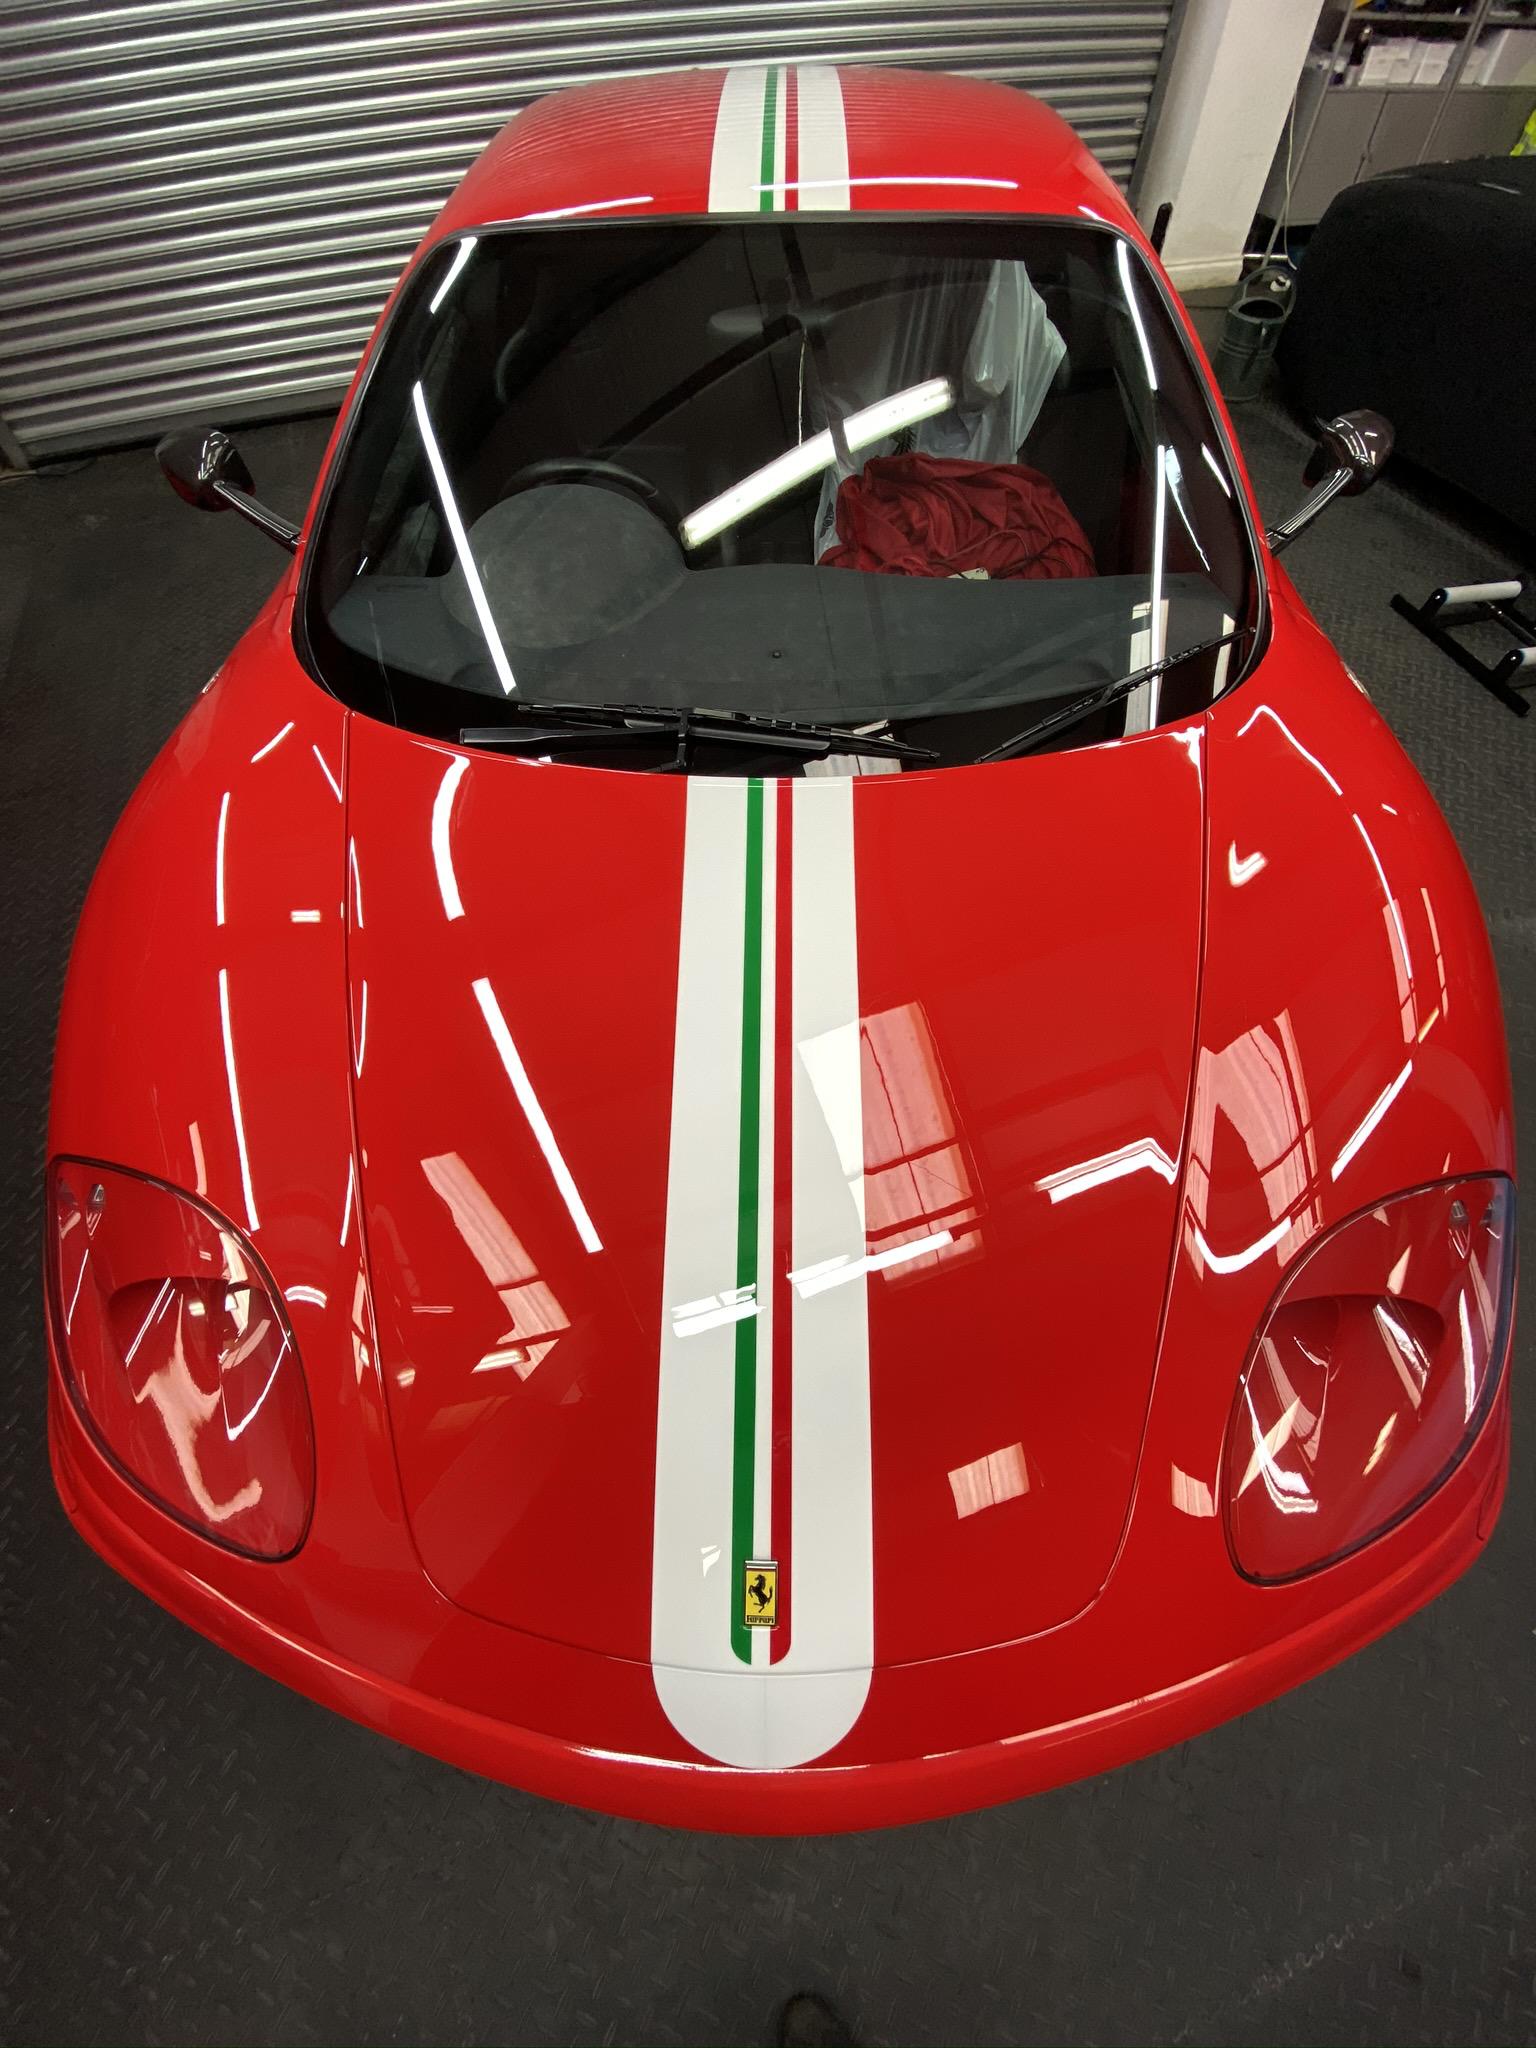 Ferrari 360 full body detailing